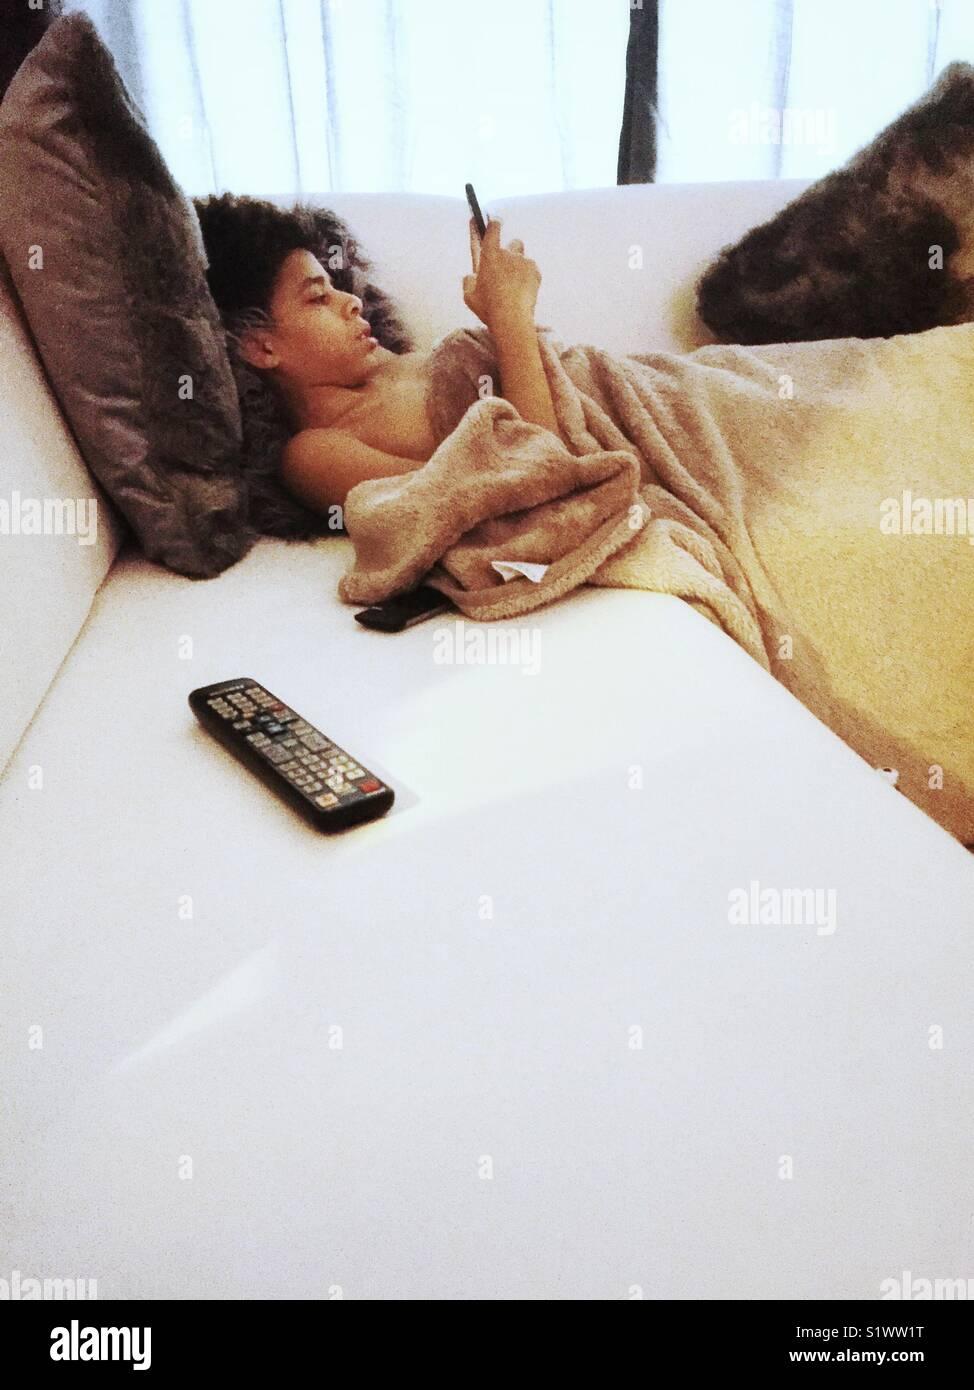 Garçon sur le canapé avec la technologie, téléphone et commande à distance Photo Stock